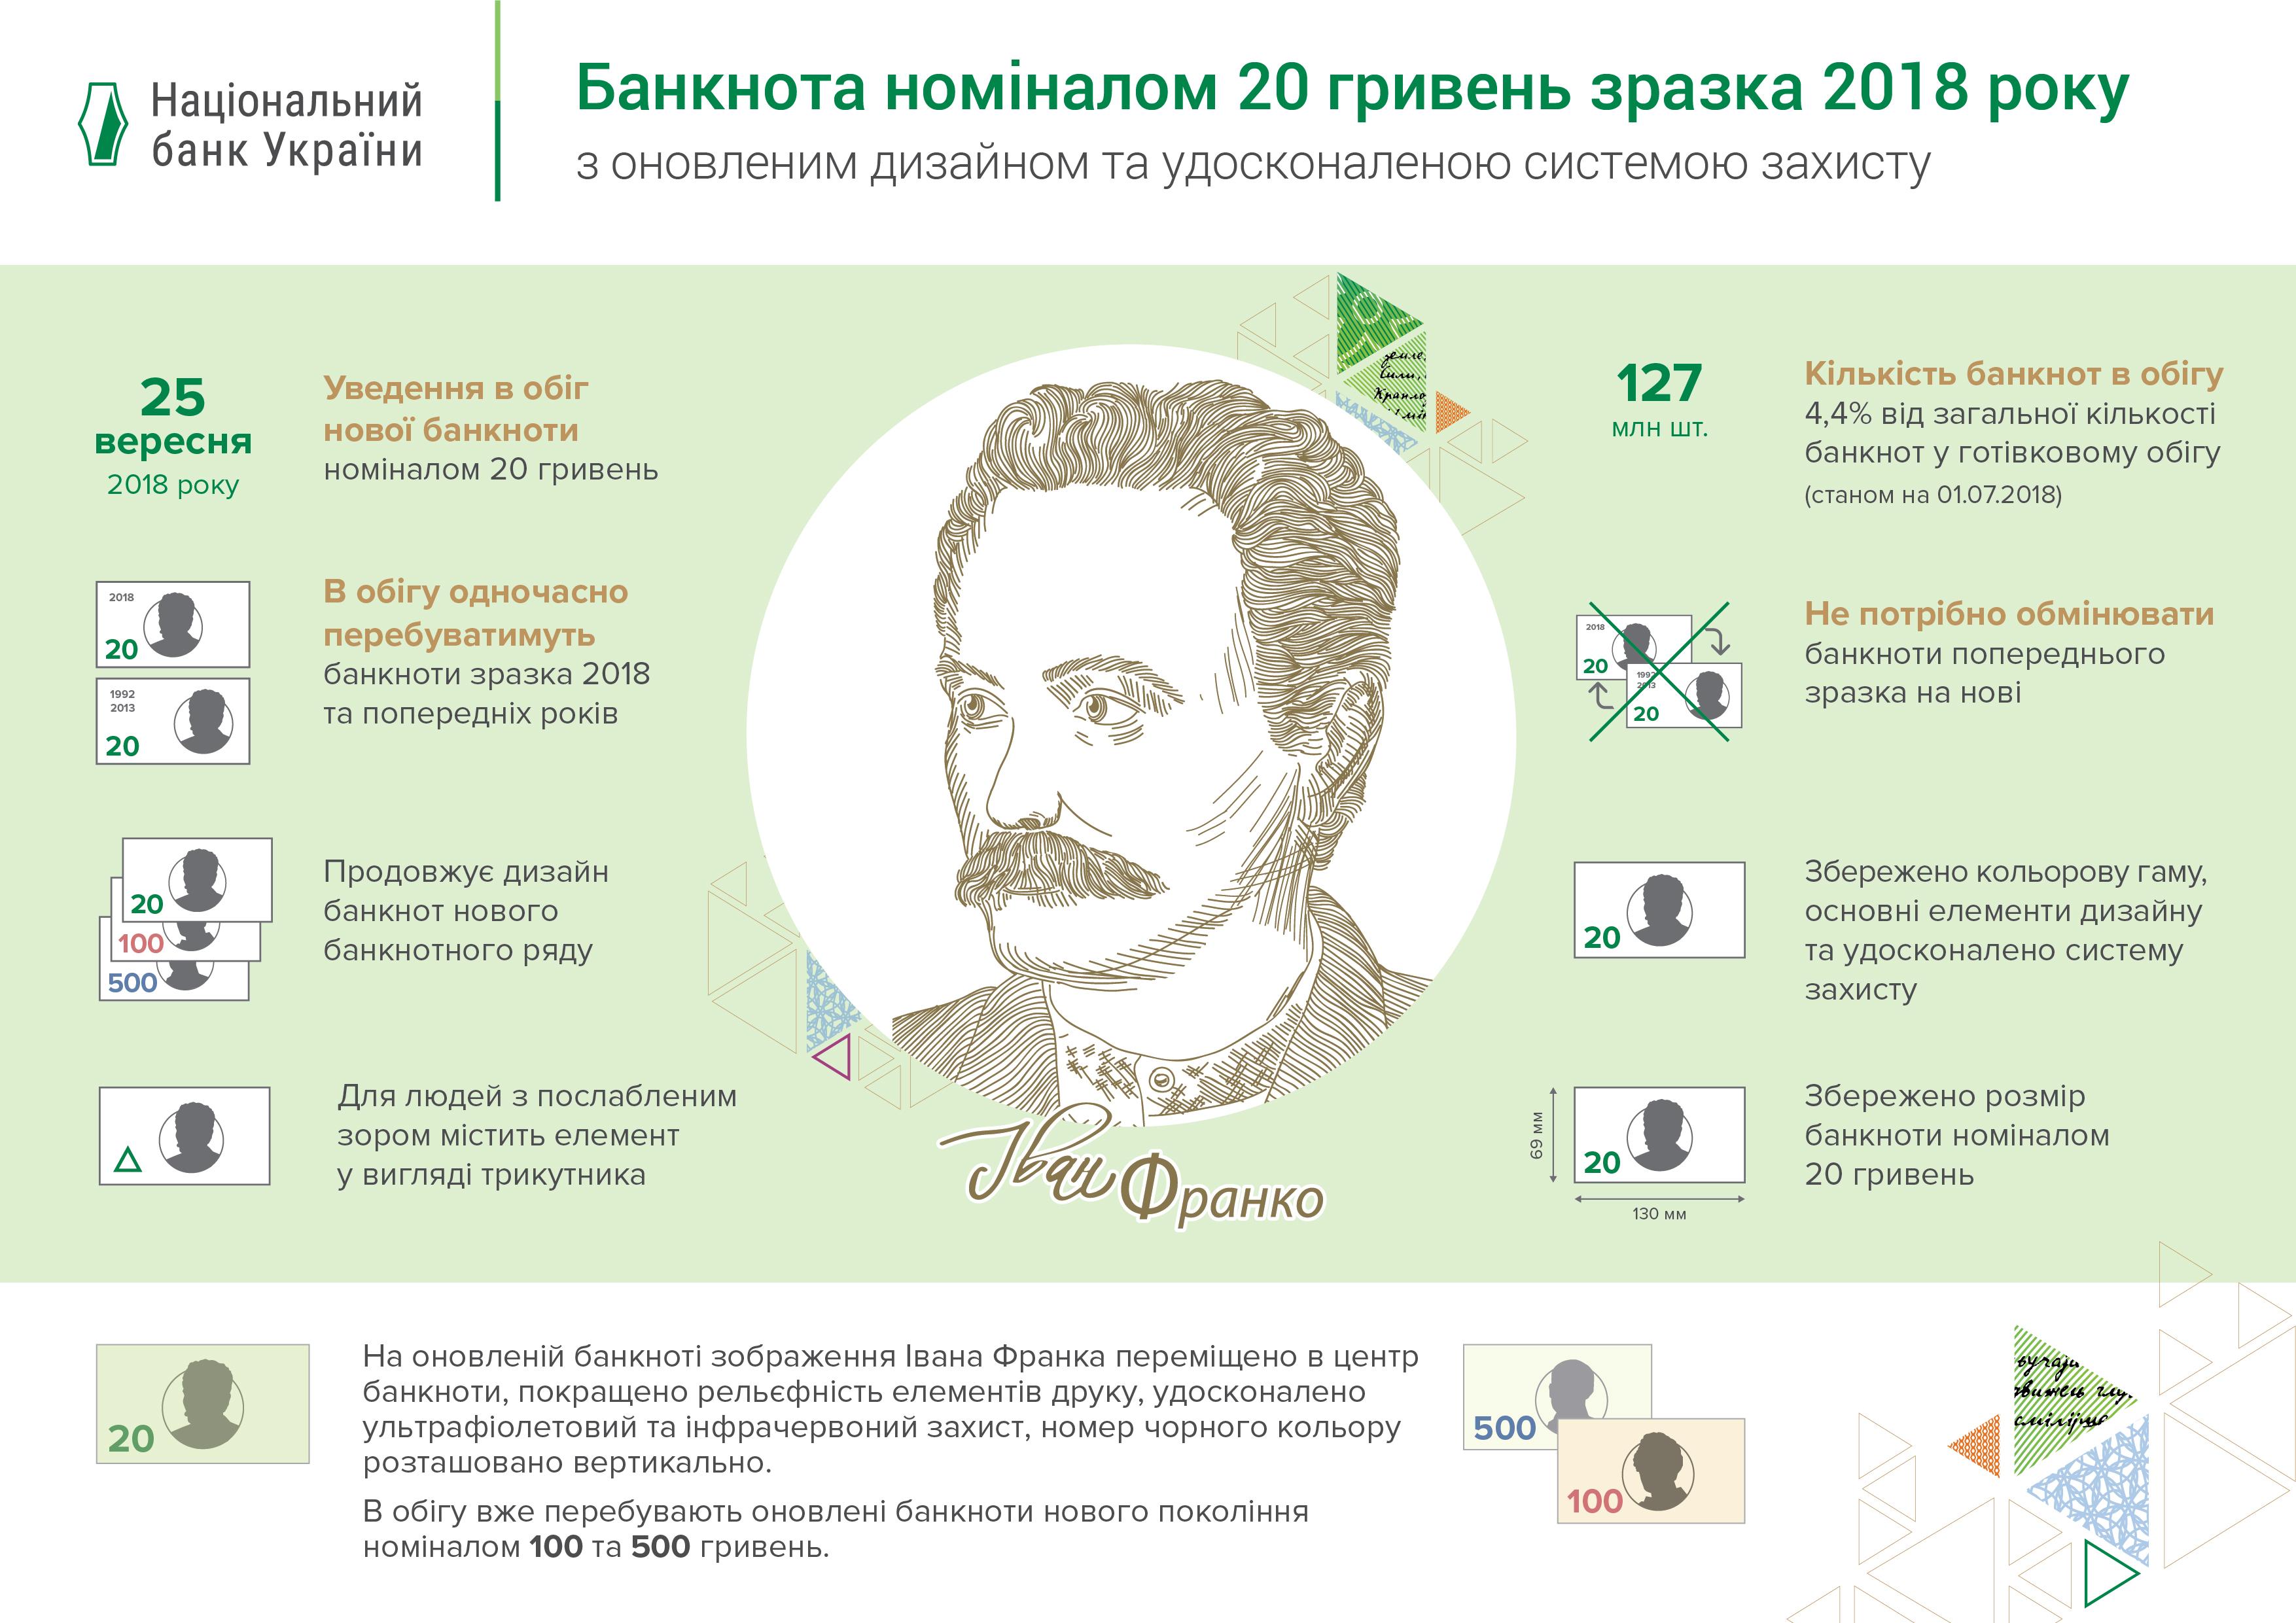 Чем отличается банкнота 20 гривен